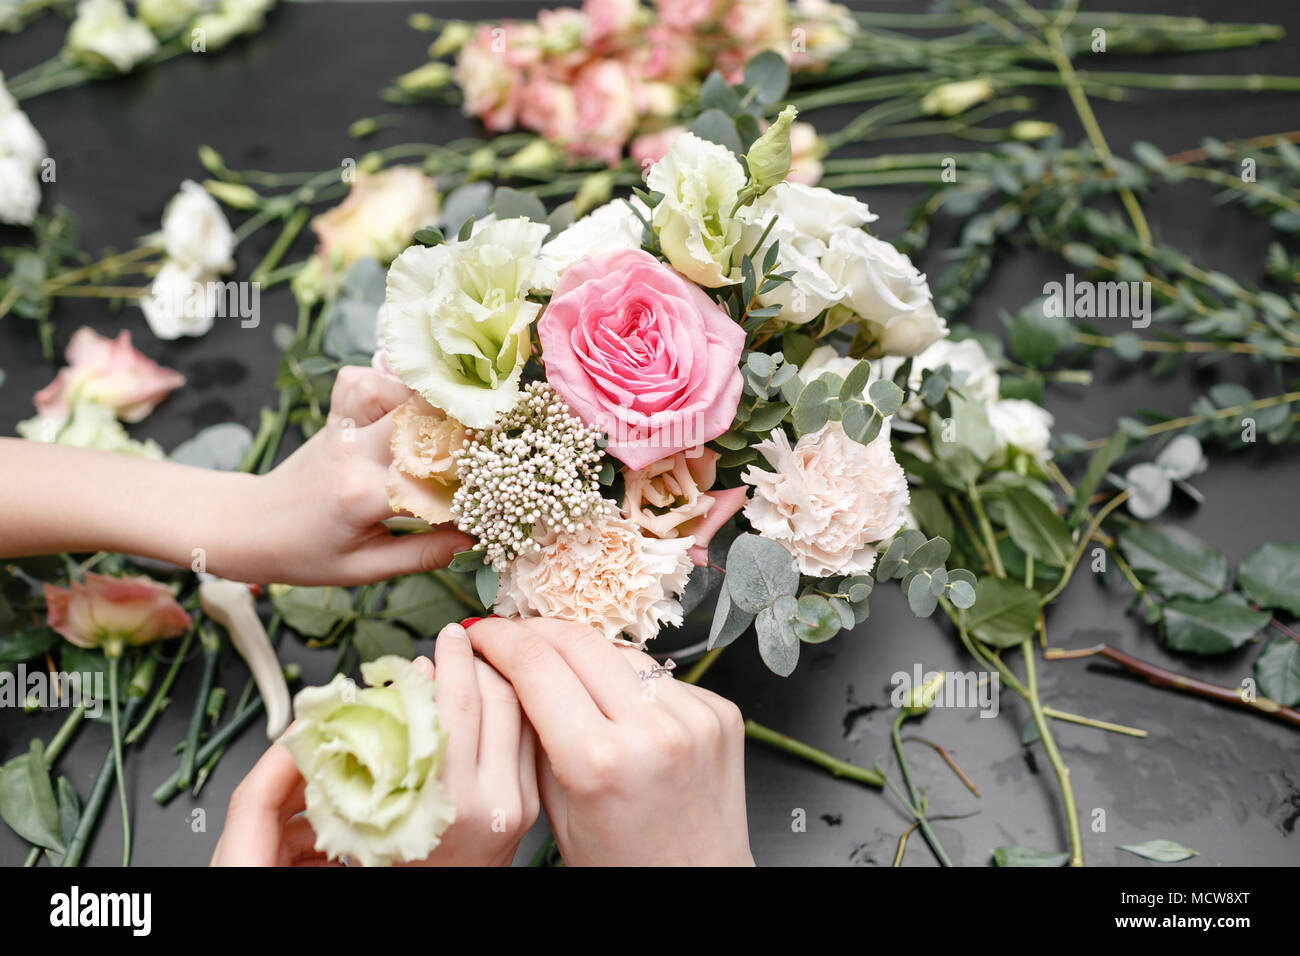 Master class sulla creazione di mazzi di fiori per i bambini. Bouquet a molla in metallo vaso ornamentali. Imparare composizione floreale, fare delle belle mazzi con le vostre proprie mani Immagini Stock